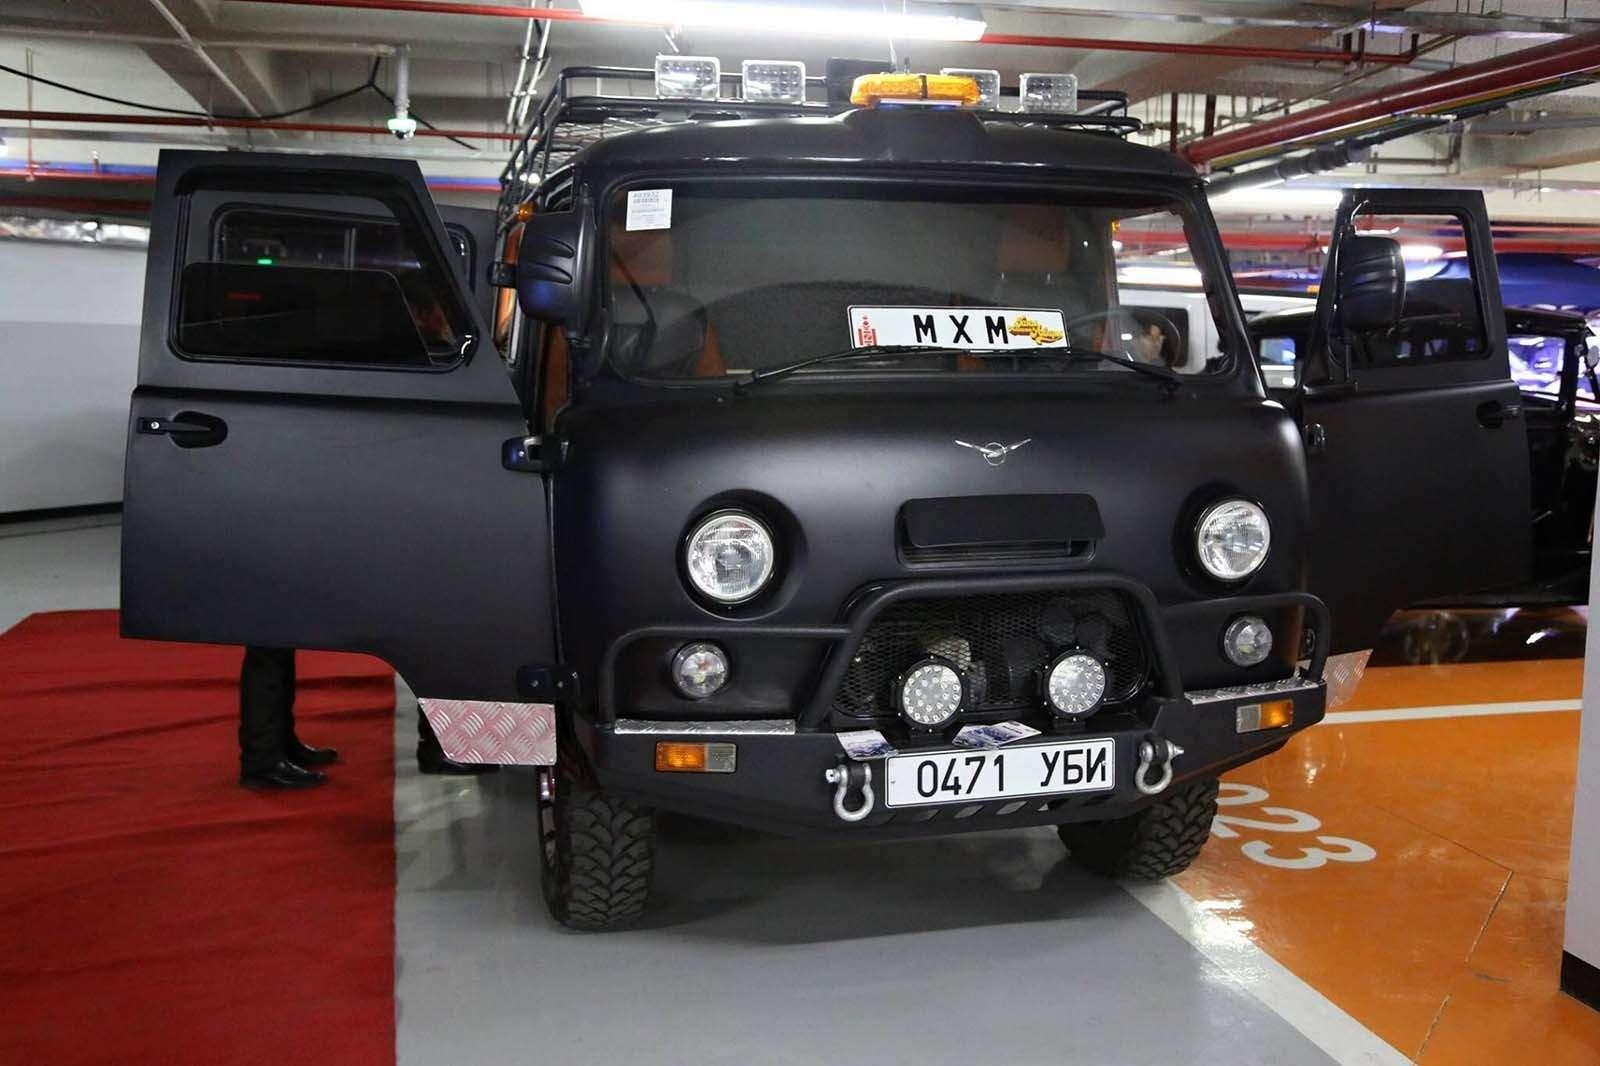 «Буханка» на прокачку: в Монголии «уазики» превращают в люксовые авто - фото 860213